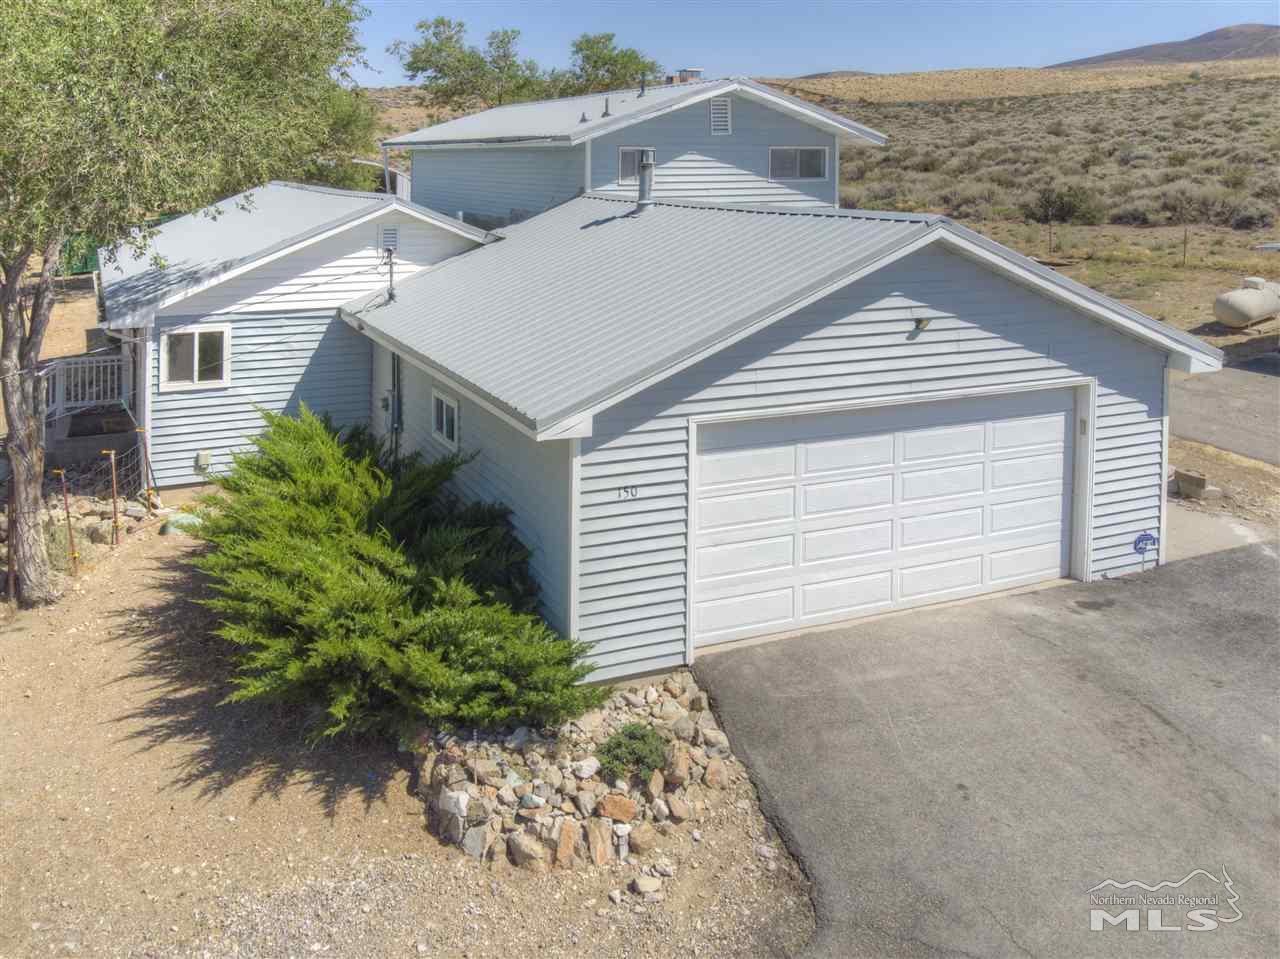 Image for 150 Mer Mac, Reno, NV 89506-9260